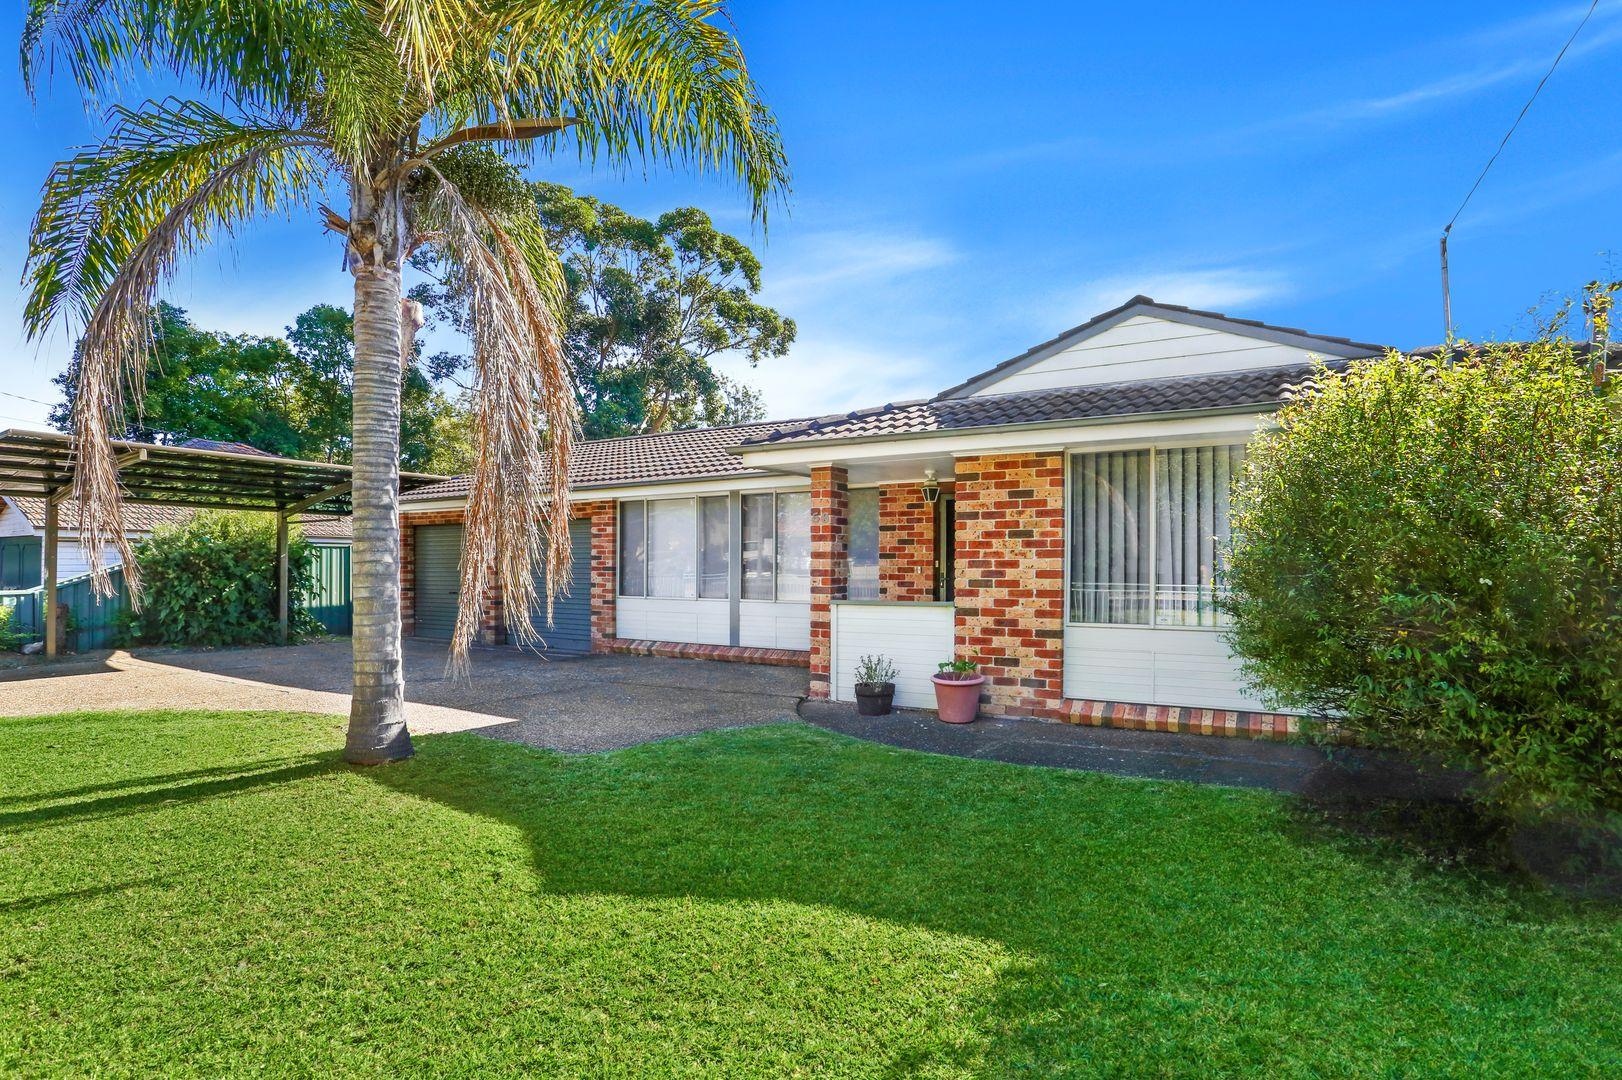 56 Amy Road, Peakhurst NSW 2210, Image 0